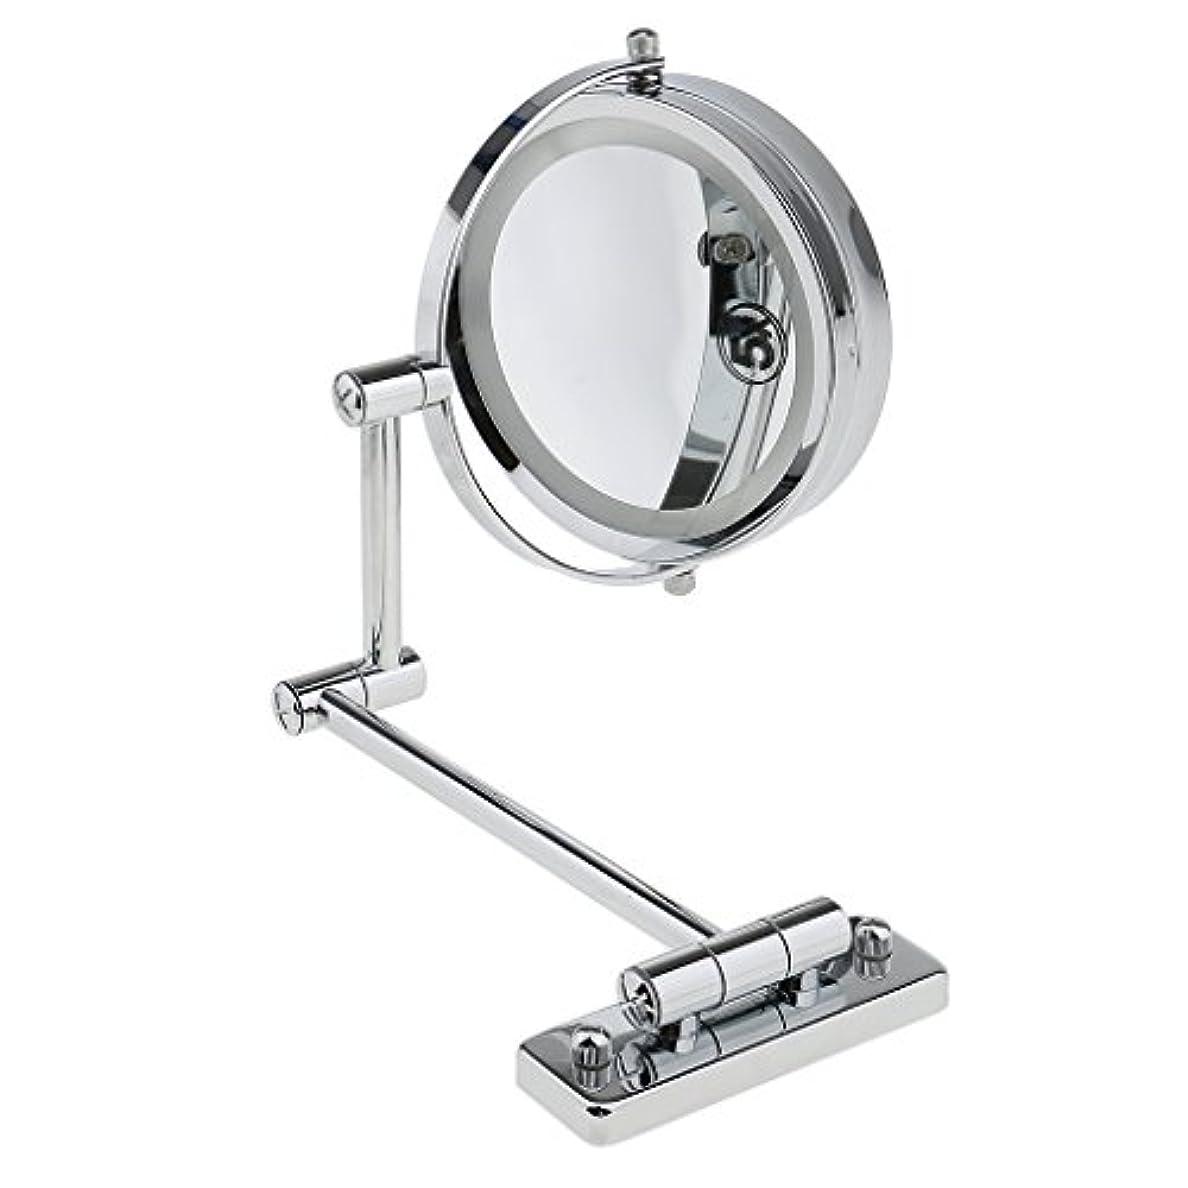 リマ観察心臓KOZEEY SMDライト 両面ミラー 壁掛け式 5倍拡大鏡 360度回転 エチケットチェック